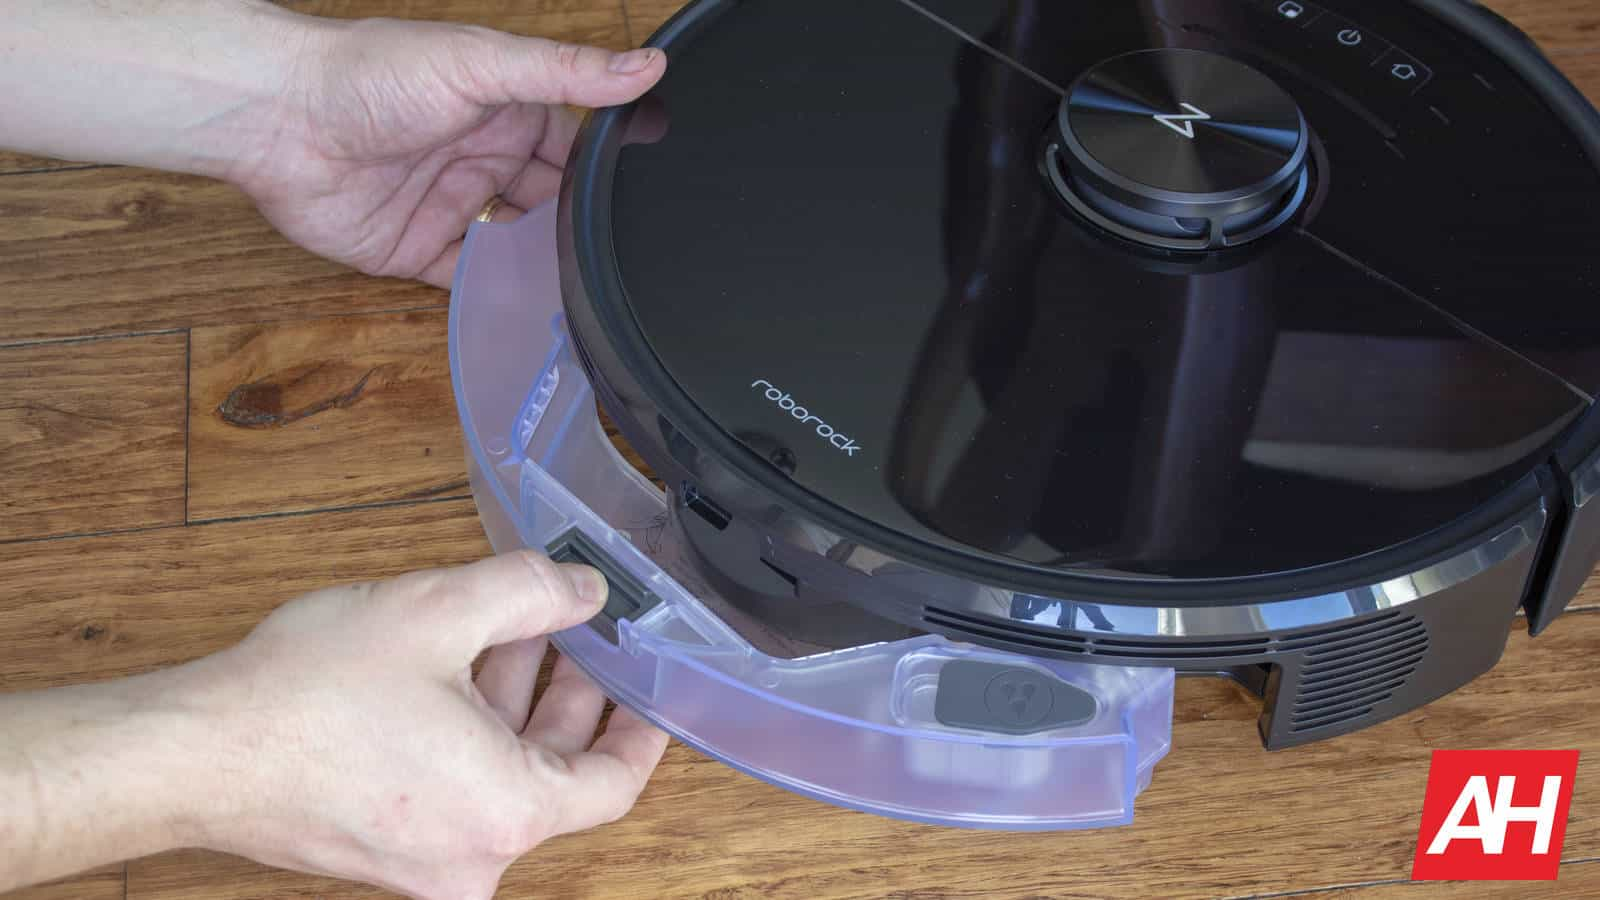 Roborock S6 MaxV mop bin